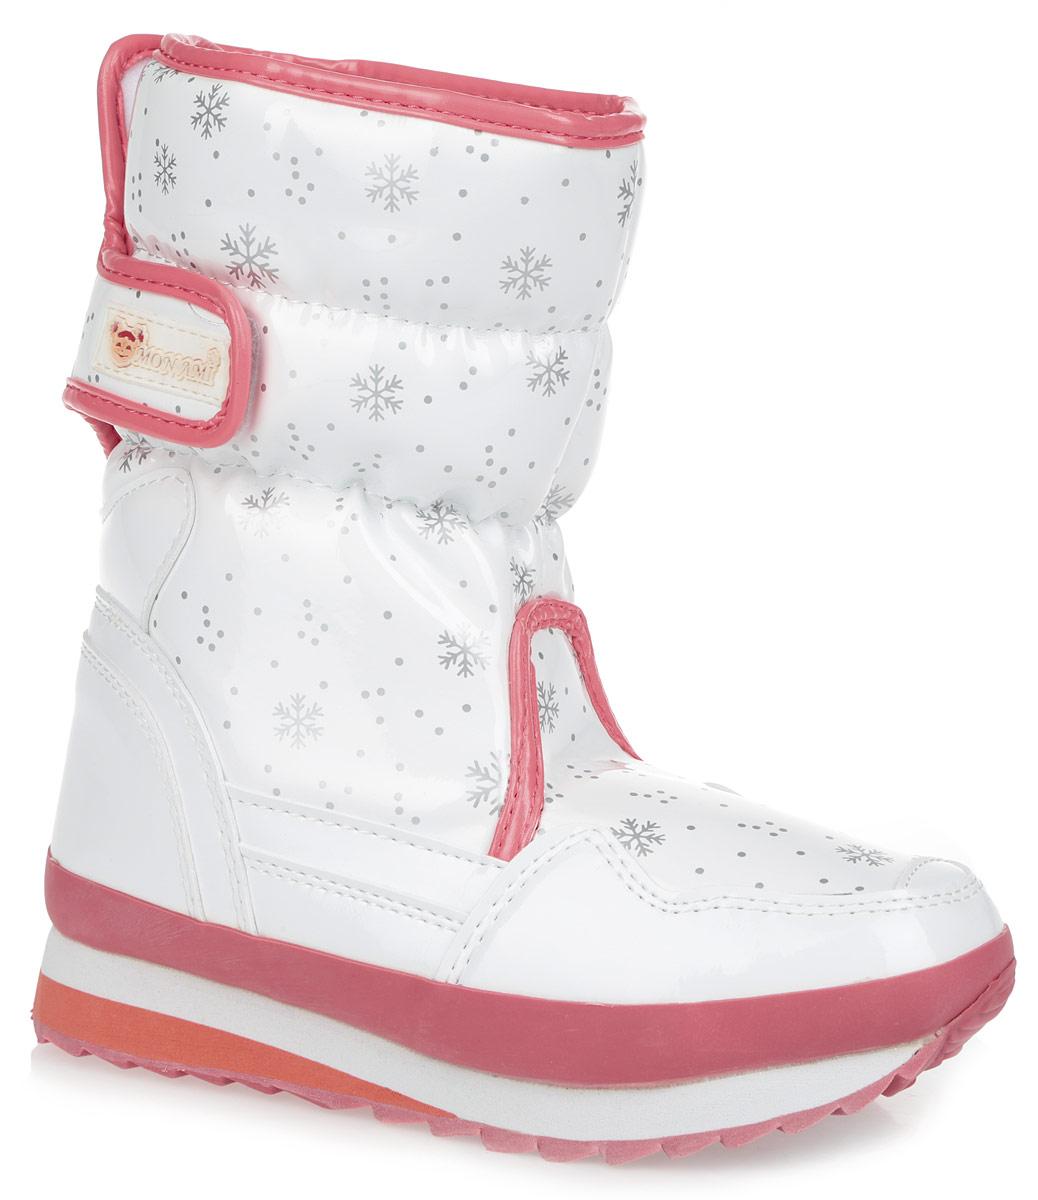 ДутикиRC825-2-59/WHITE+ROYALПрактичные и удобные женские дутики от Mon Ami - отличный вариант на каждый день. Модель выполнена из искусственной лаковой кожи с отделкой контрастного цвета и декорирована оригинальным рисунком в виде снежинок. По ранту обувь дополнена вставкой из полимерного материала. Верх изделия оформлен двумя удобными застежками-липучками, которые надежно фиксируют модель на ноге и регулируют объем. Подкладка и анатомическая стелька, изготовленные из искусственного меха, согреют ноги в мороз и обеспечат уют. Сбоку дутики украшены нашивкой из ПВХ с логотипом бренда. Подошва из полимерного термопластичного материала - с противоскользящим рифлением. Удобные дутики придутся вам по душе.